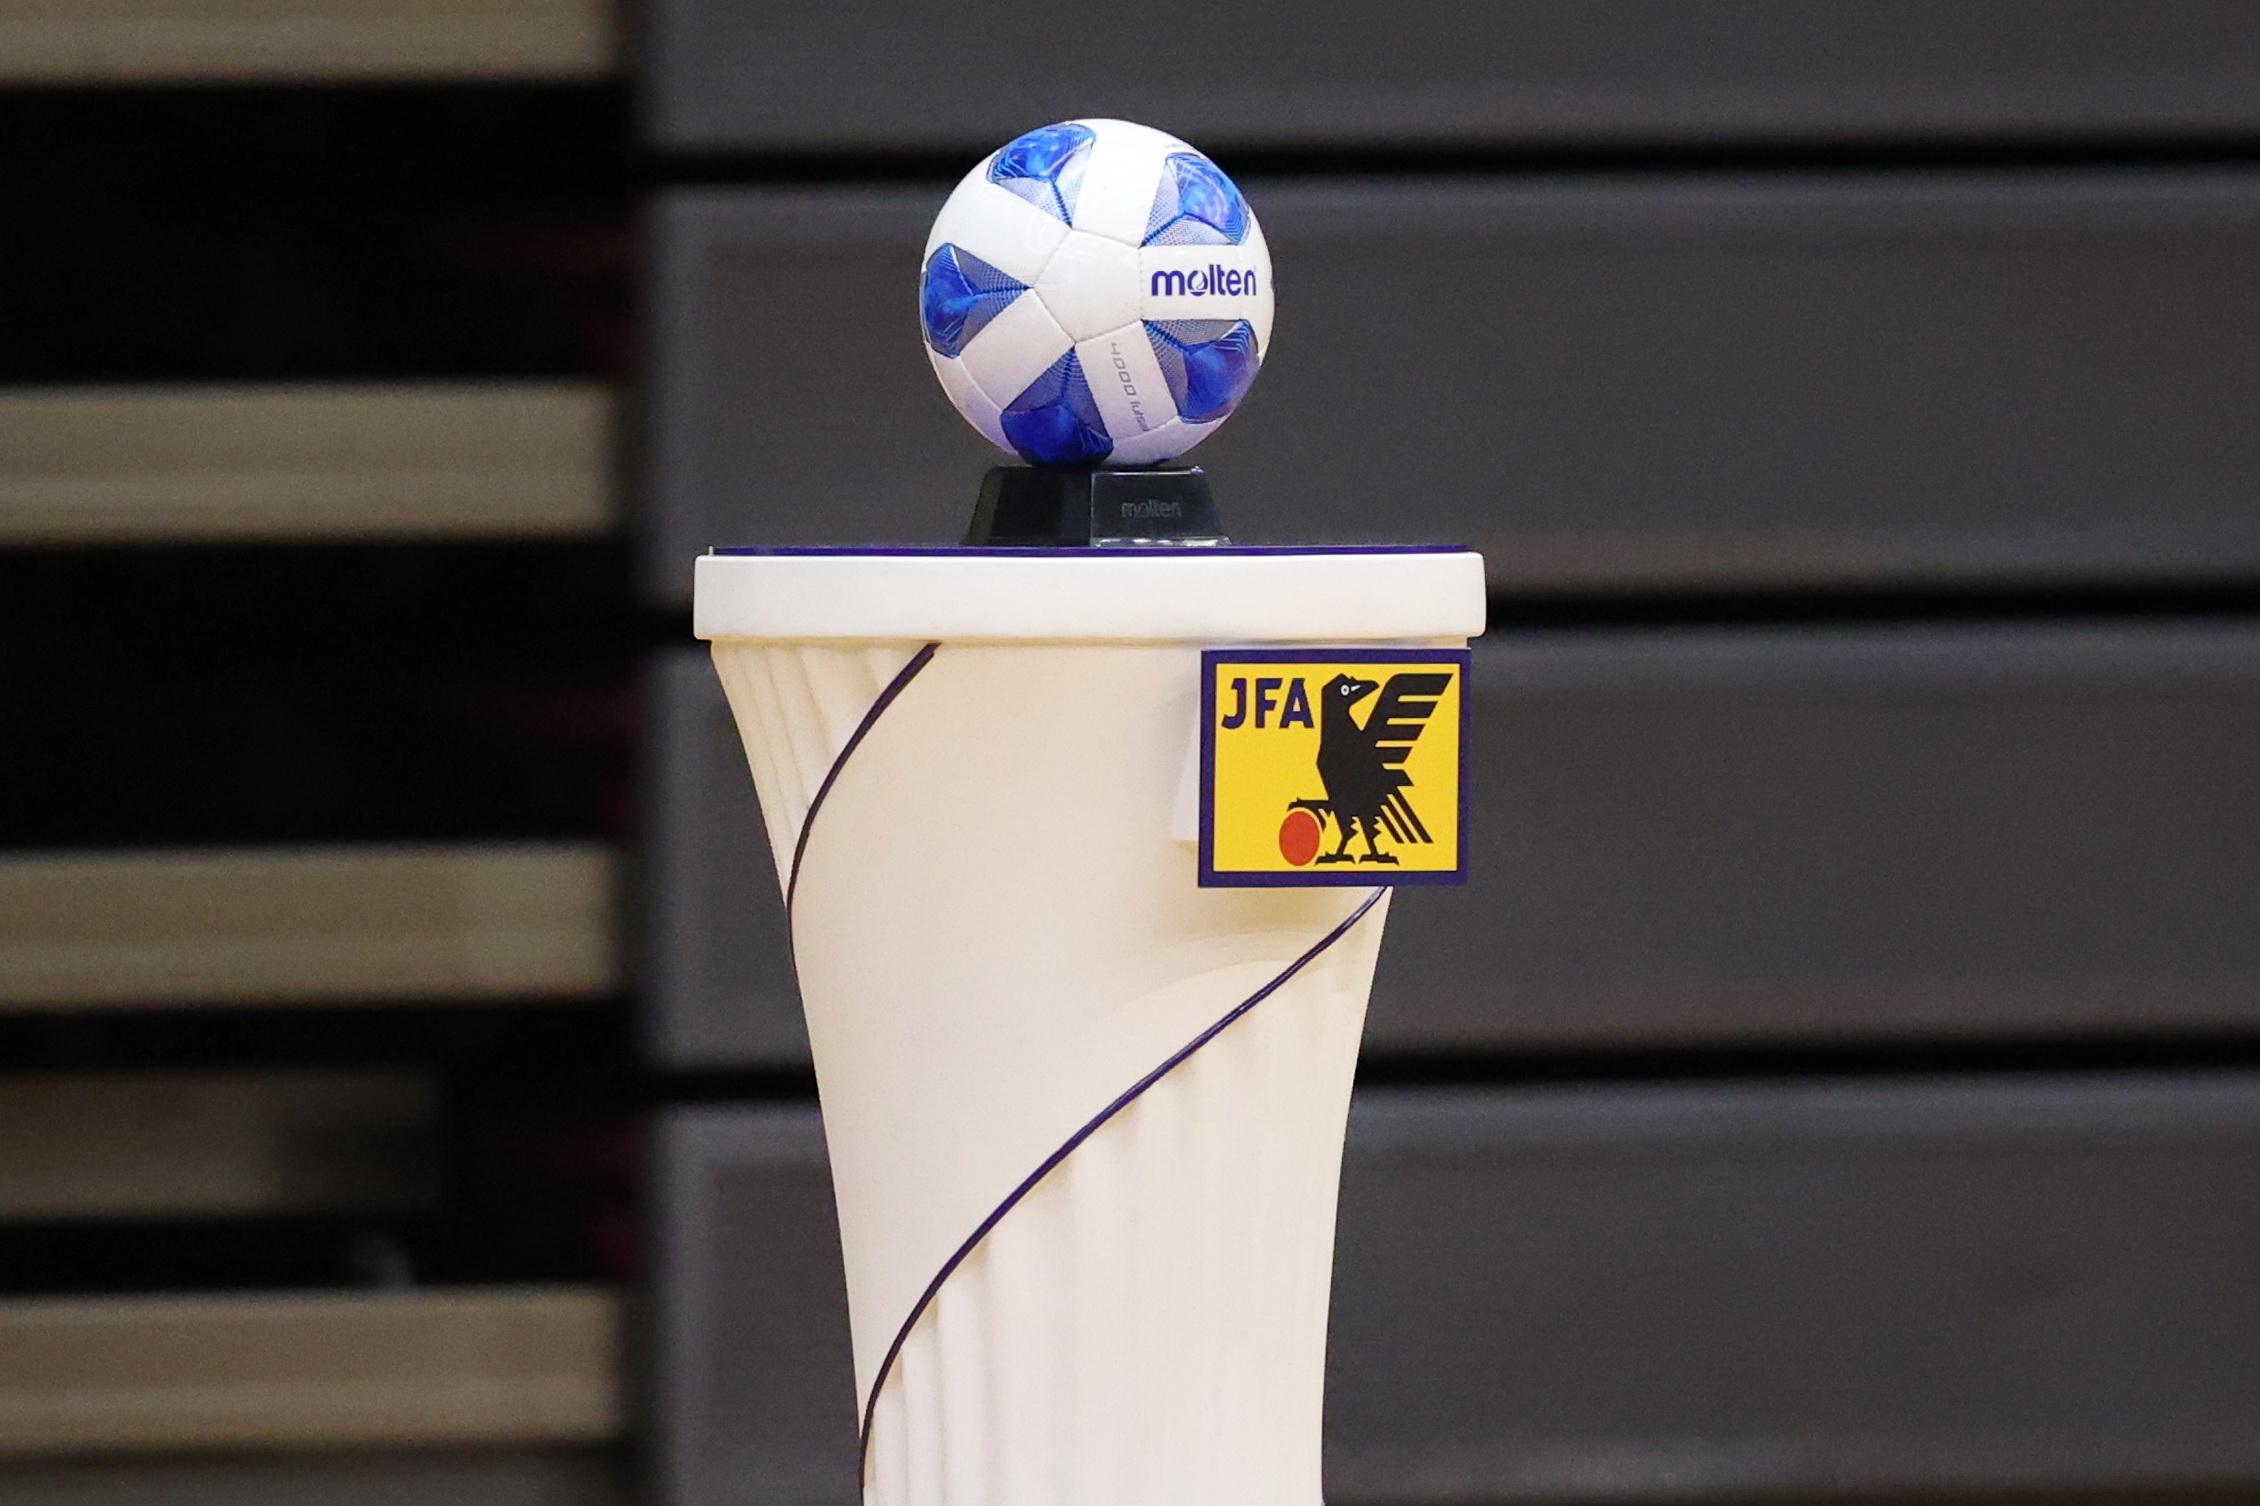 バーモントカップと全日本大学選手権の中止が決定。全国大会が2年連続で中止に。